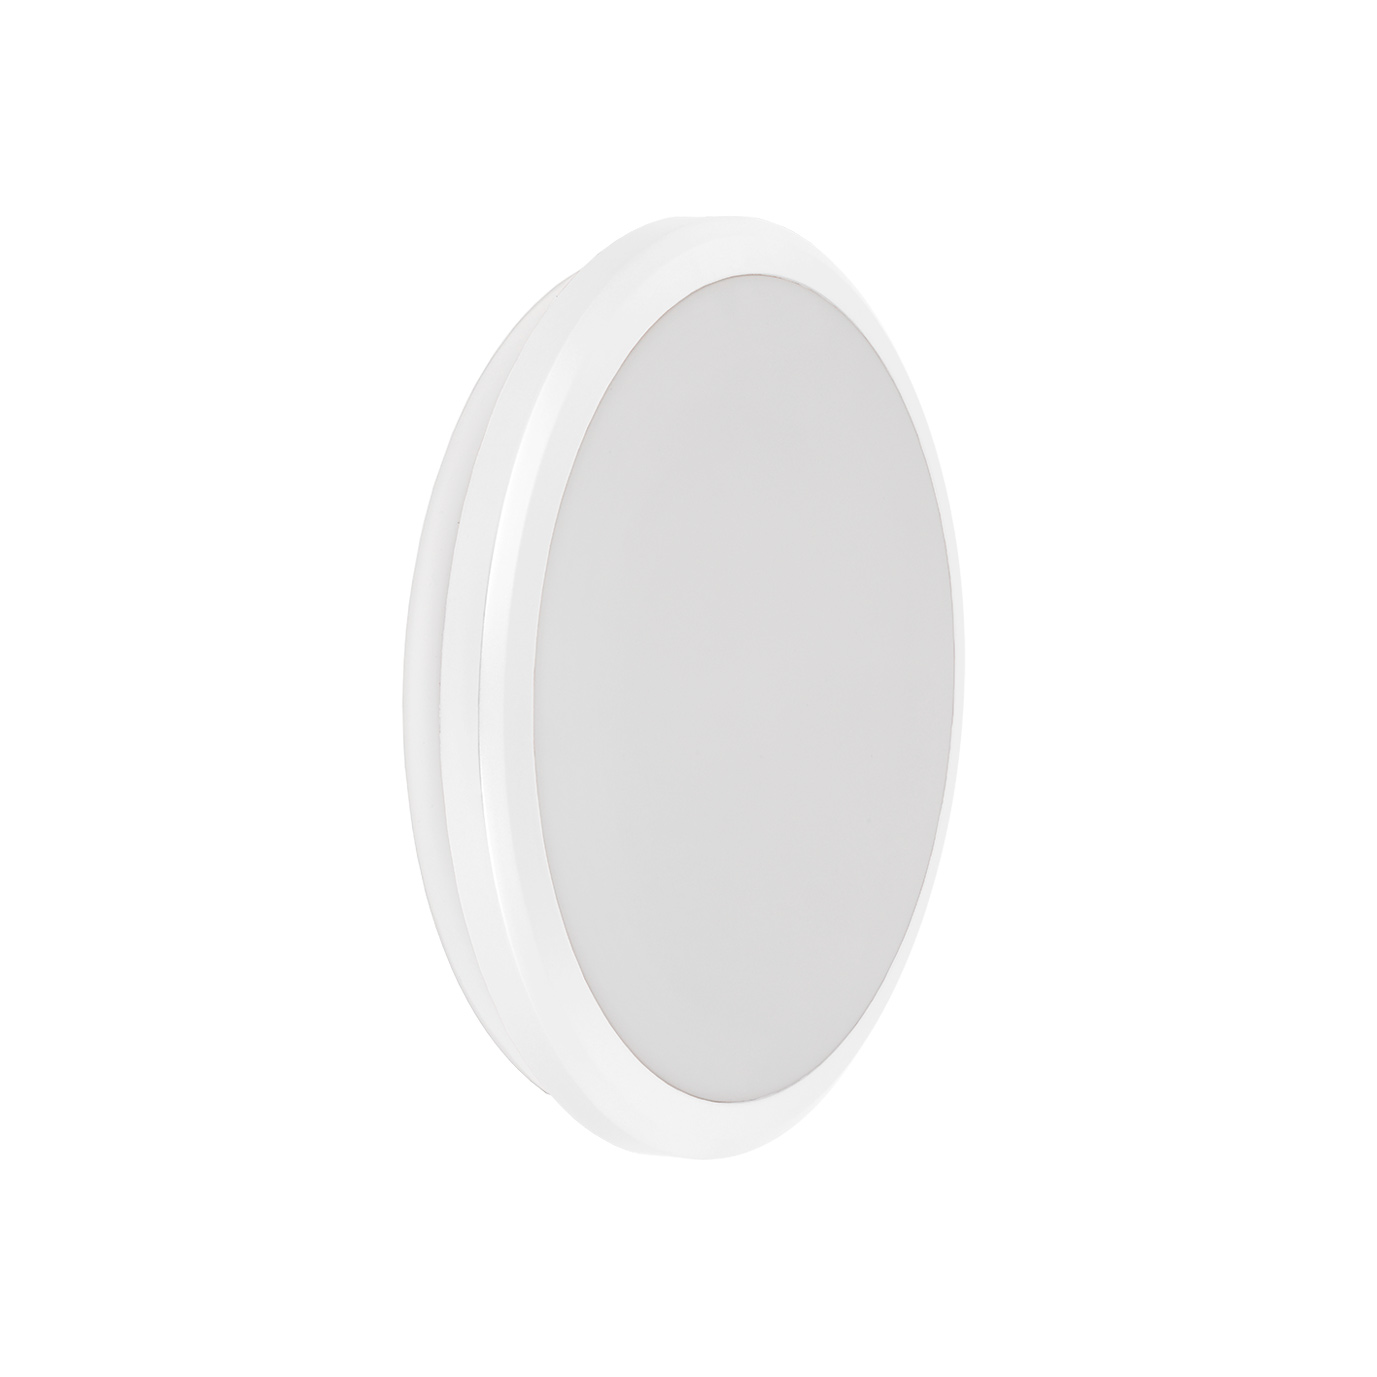 Светильник светодиодный ДПБ 3001 12Вт IP54 4000K круг белый IEK